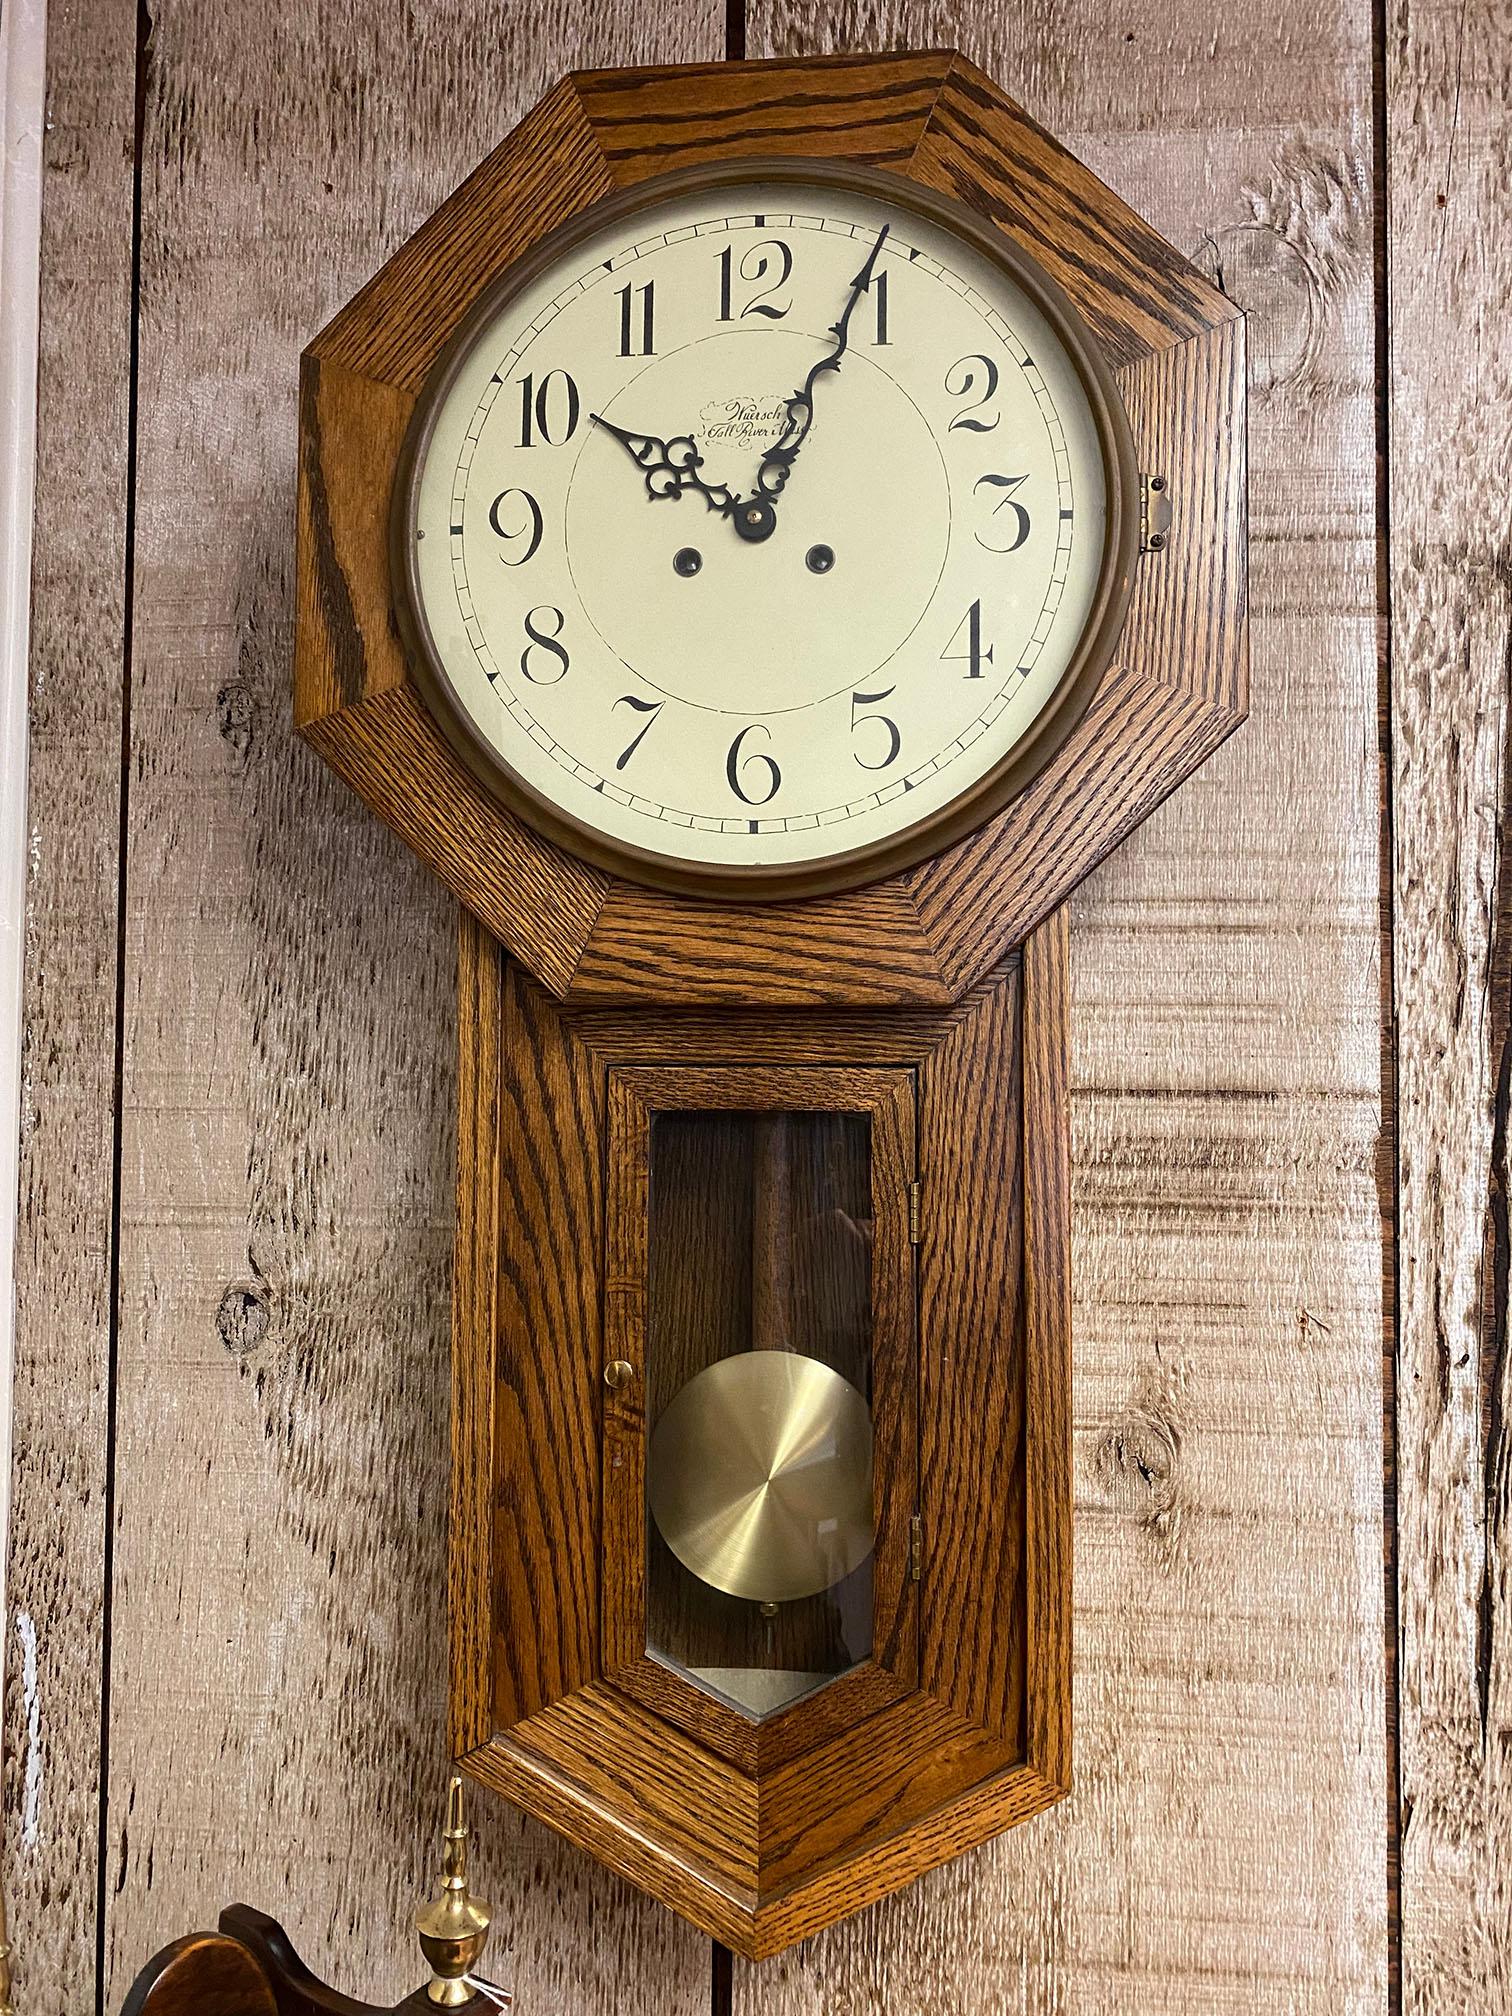 Weursch Schoolhouse Wall Clock